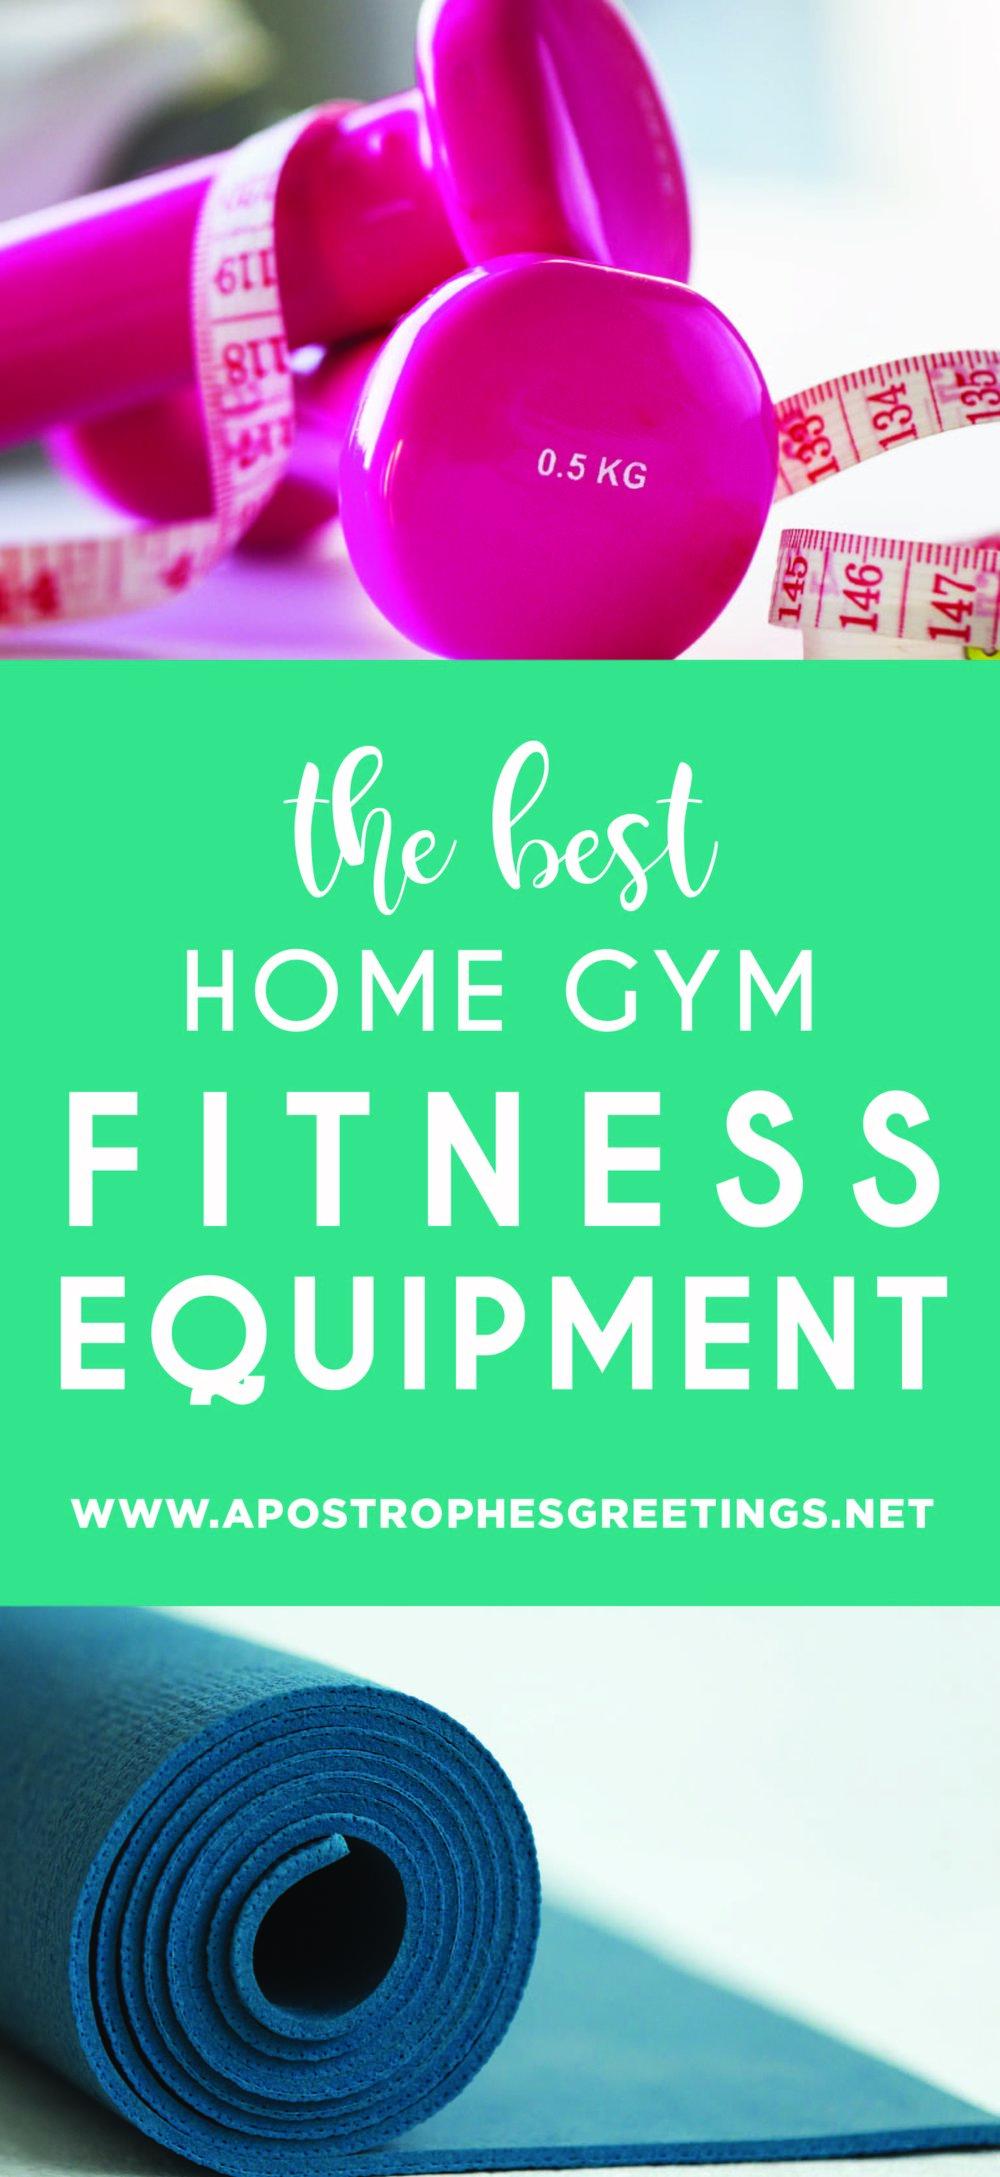 5 home gym essentials, budget friendly